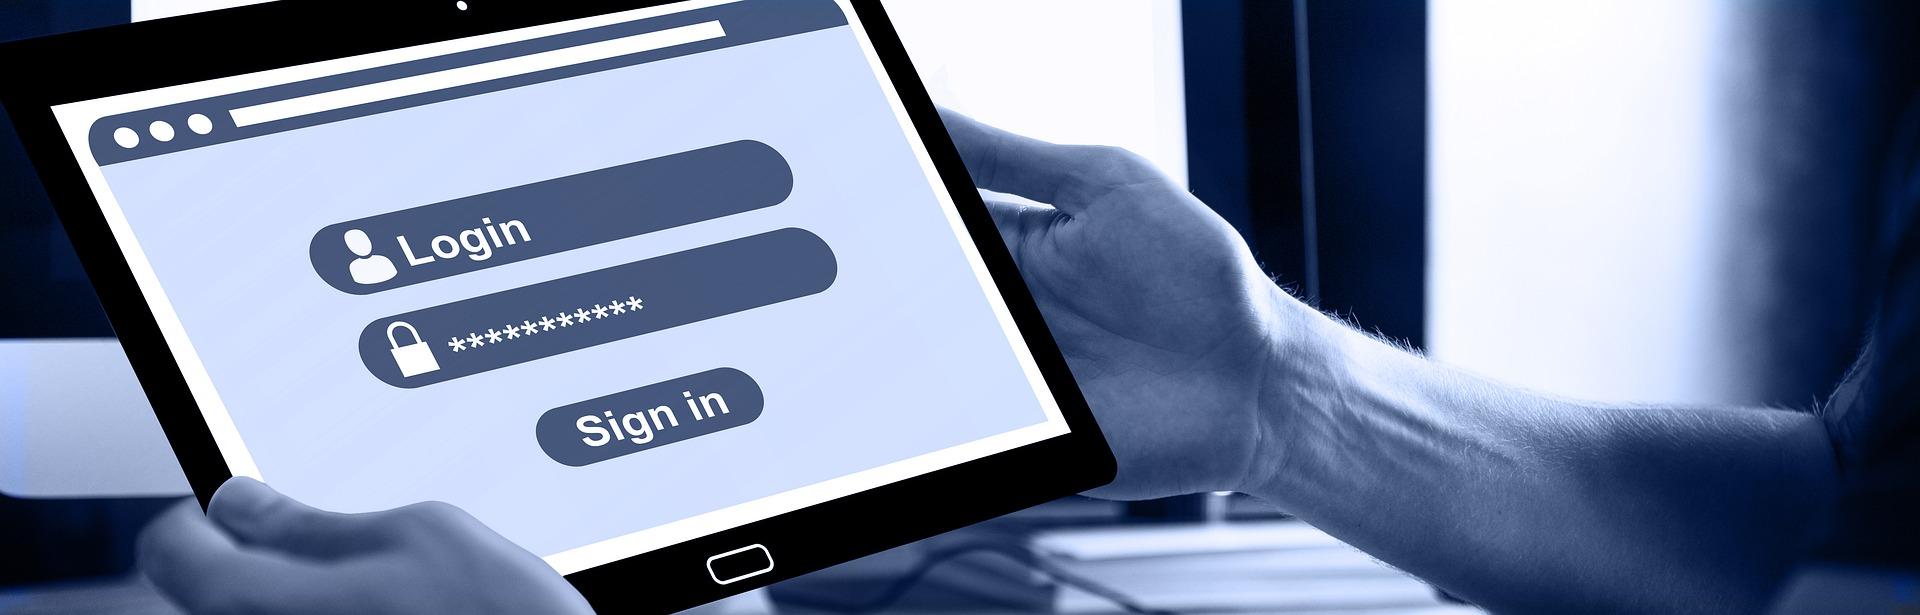 password login screen tablet